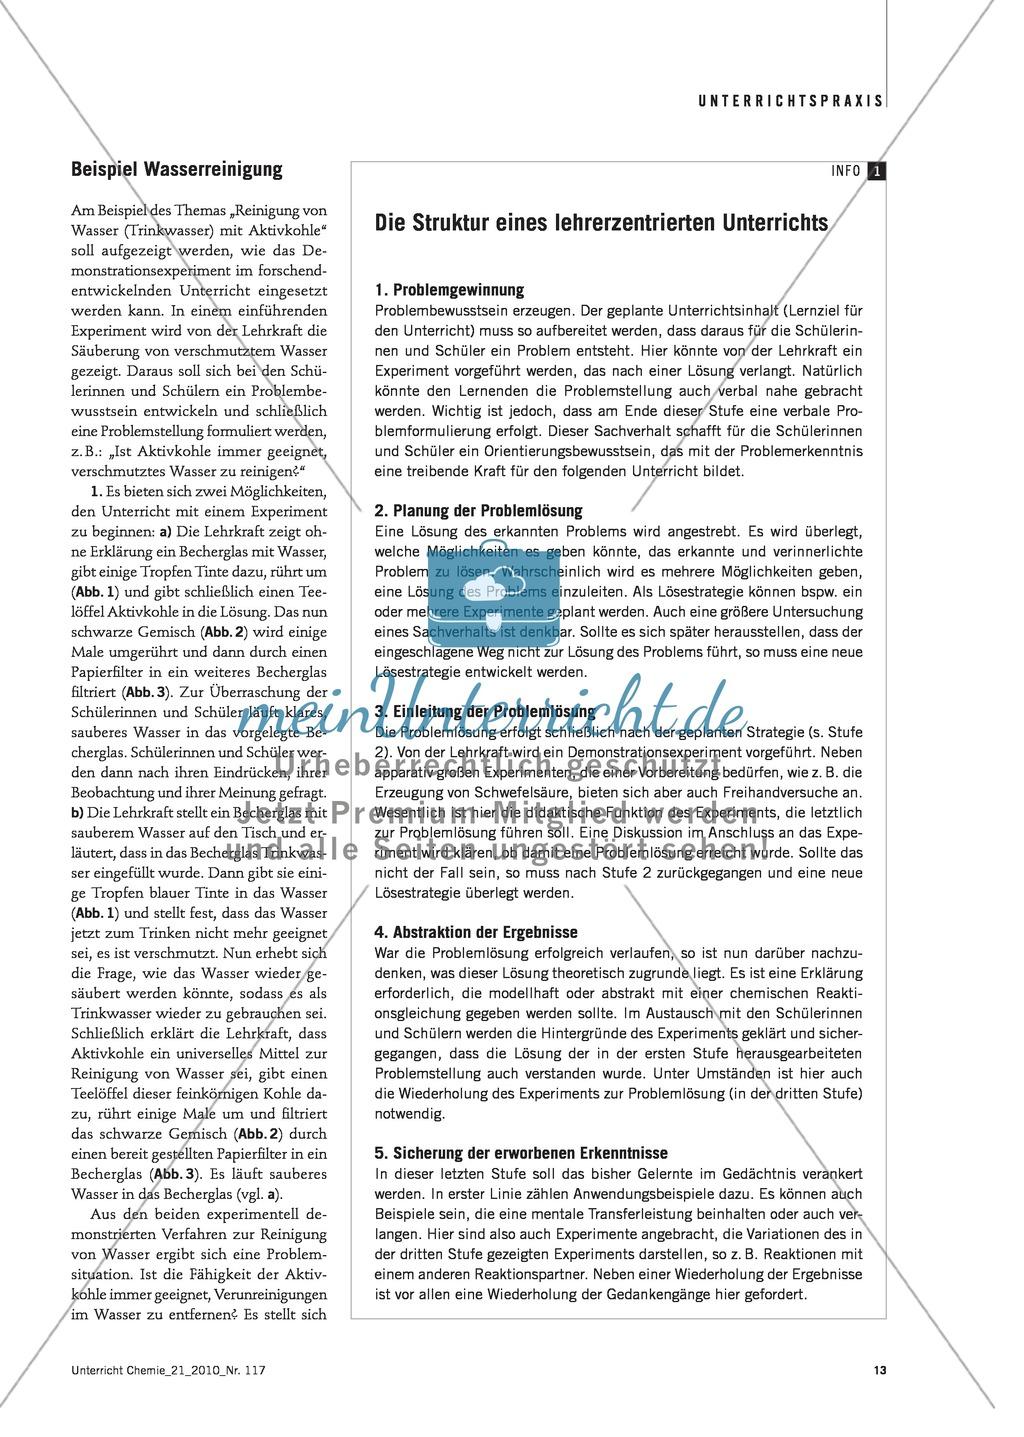 Lehrerzentrierter Unterricht - Das Demonstrationsexperiment im forschend-entwickelnden Unterricht am Beispiel Wasserreinigung Preview 1